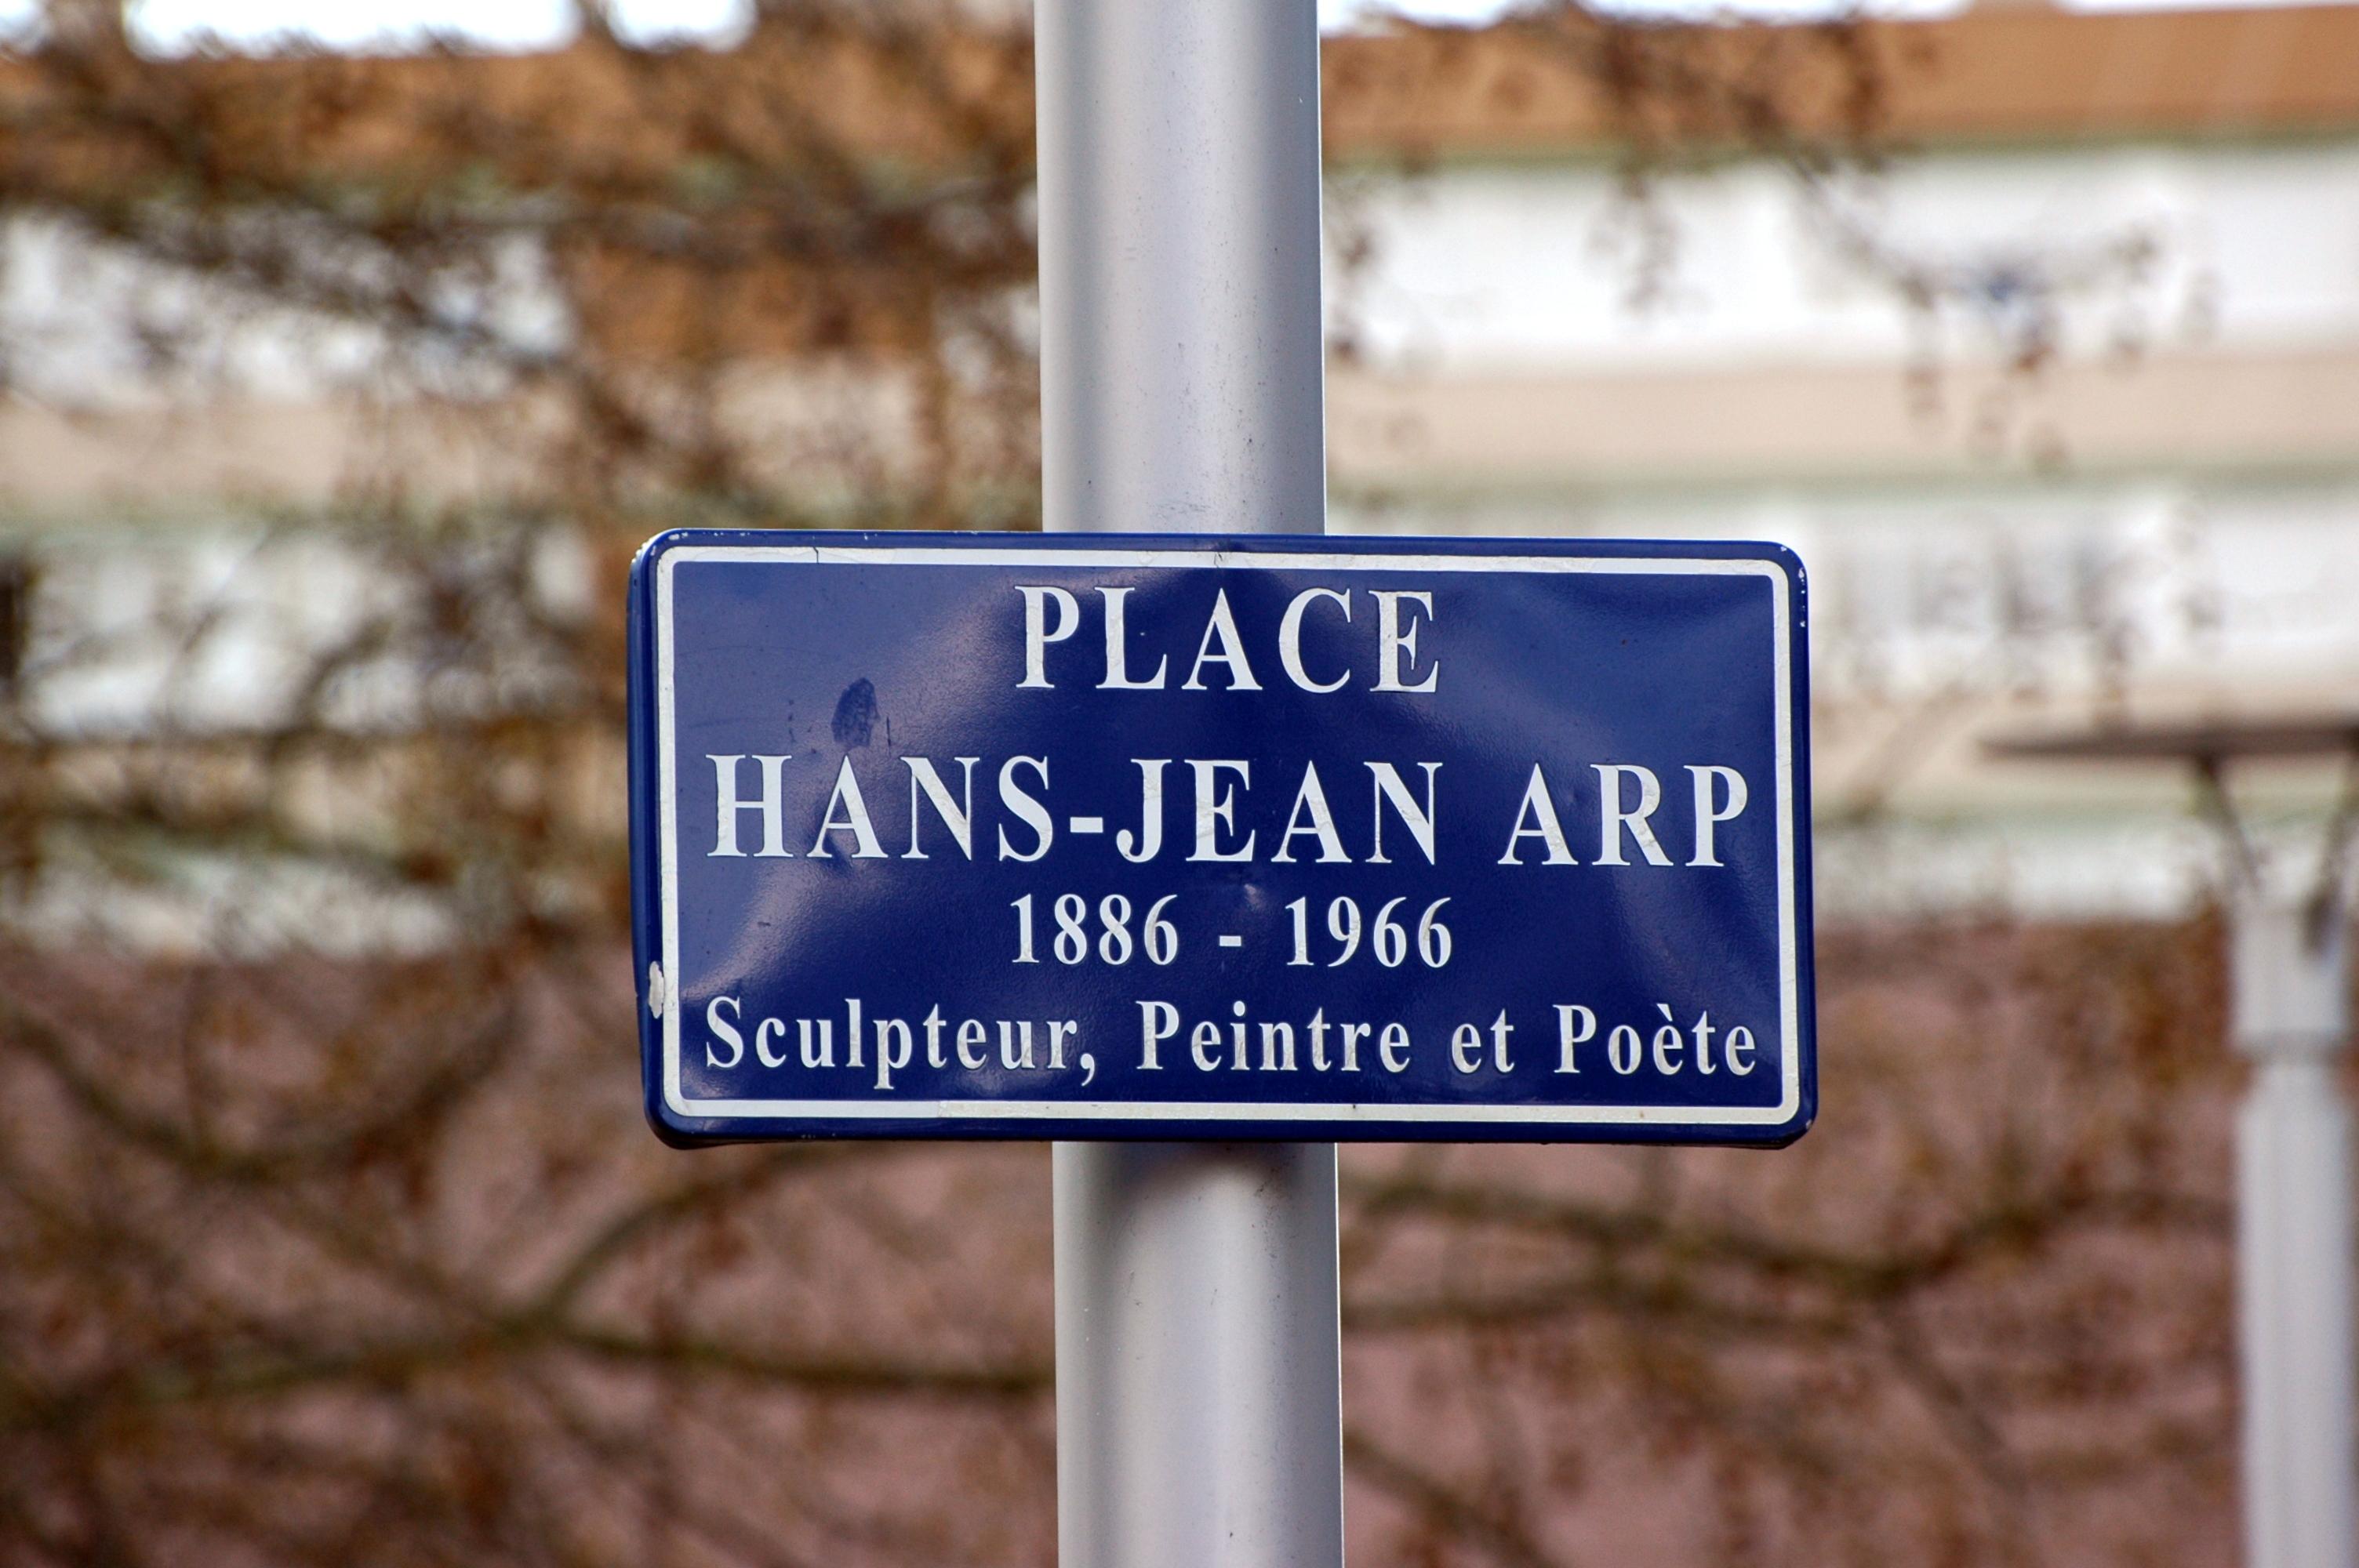 Sculpteur Peintre Et Poete Francais file:strasbourg - place hans-jean arp 1886-1966, 2016-04-08